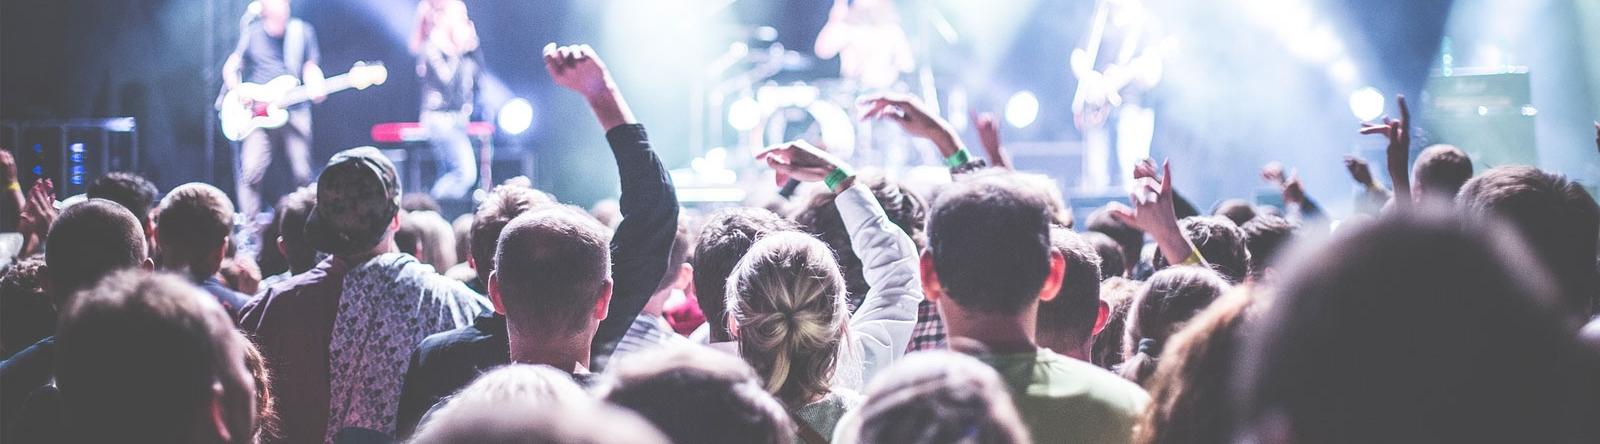 evenement - fete musique